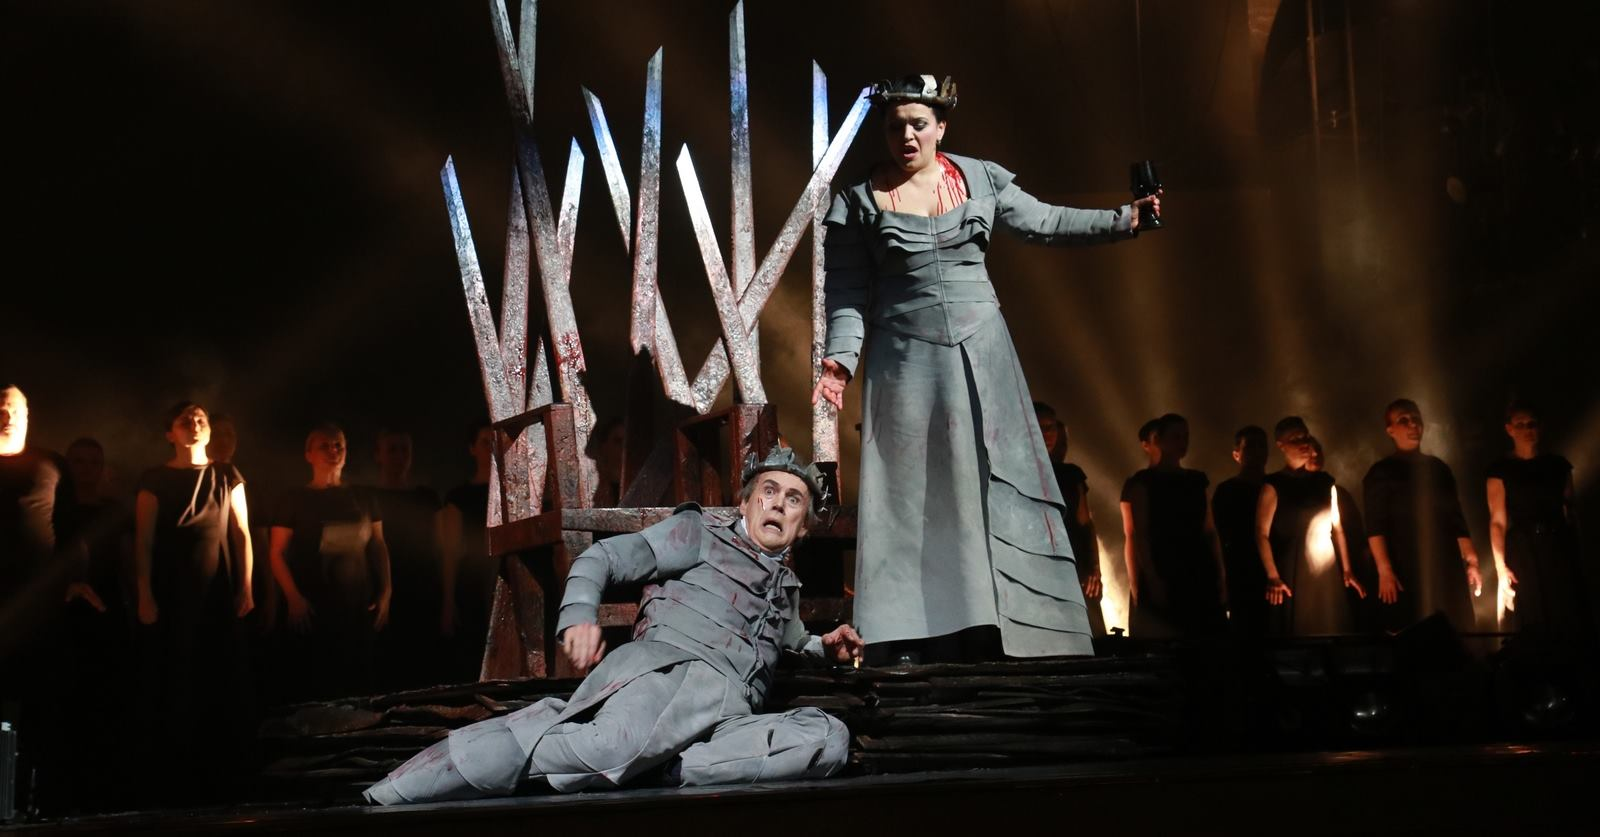 Premijerom opere 'Macbeth' započinje Trilogija Verdi-Shakespeare-Surian